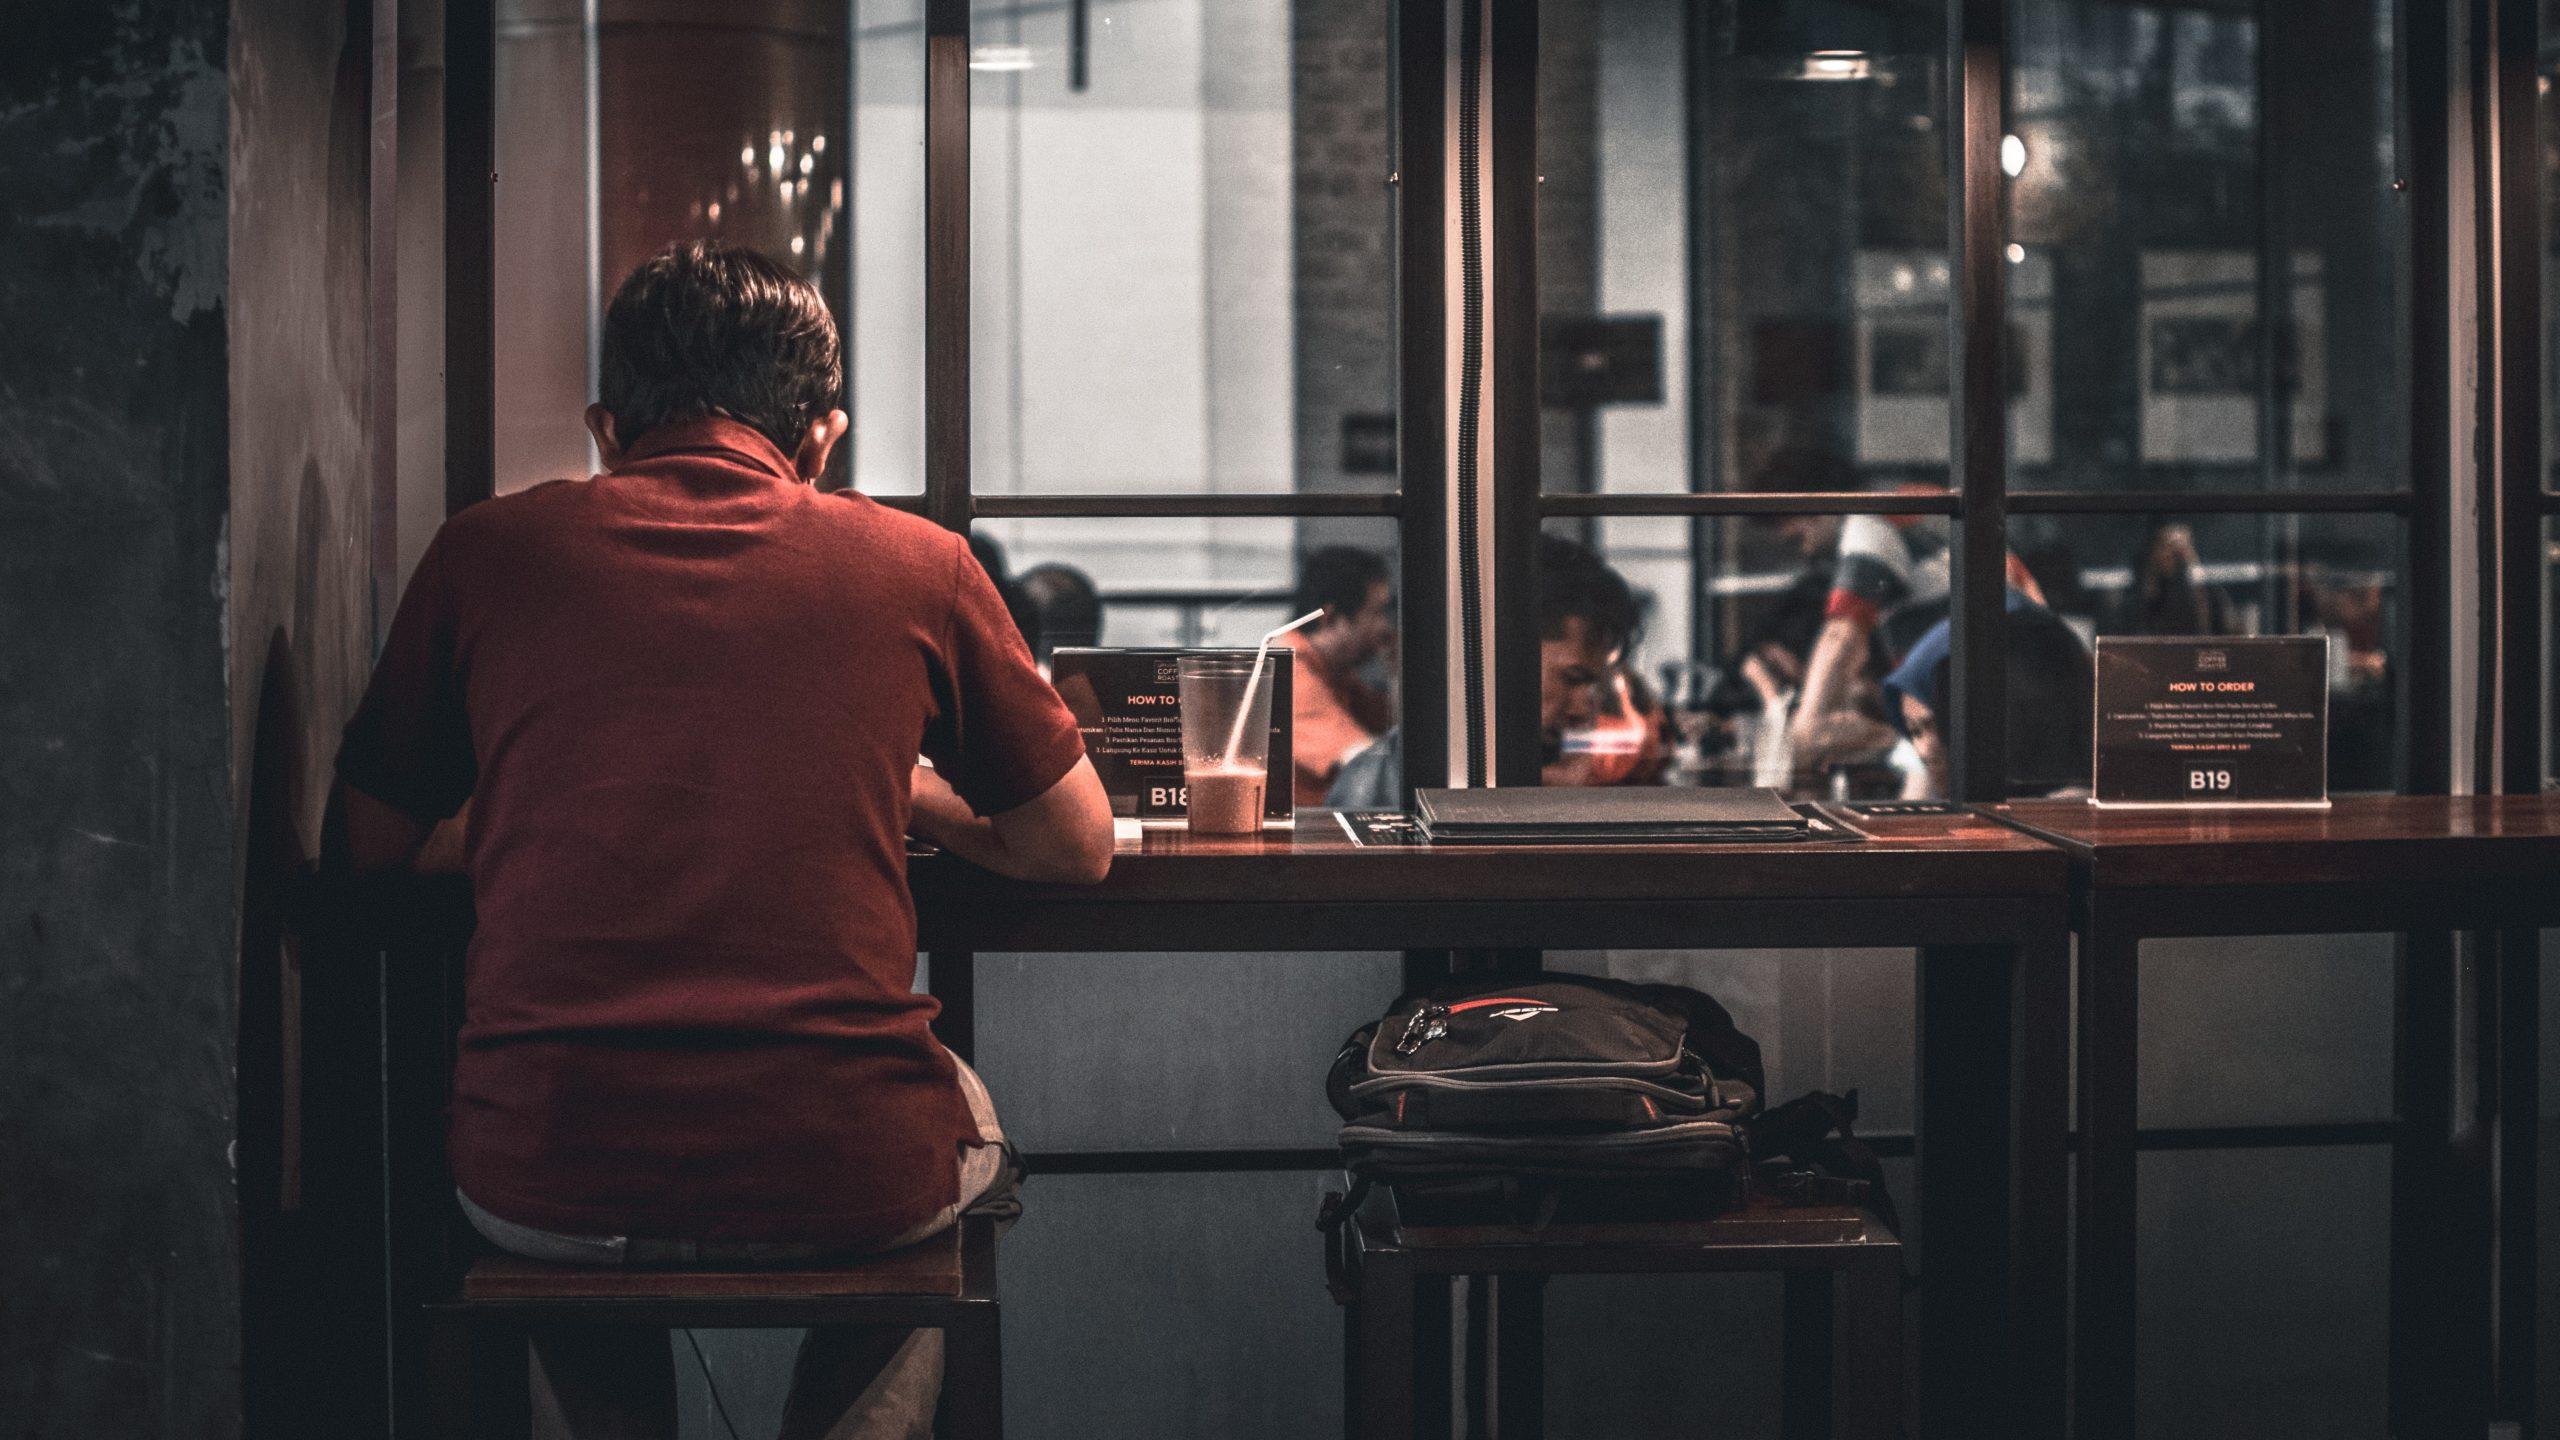 En ensam man vid ett fönster på ett café